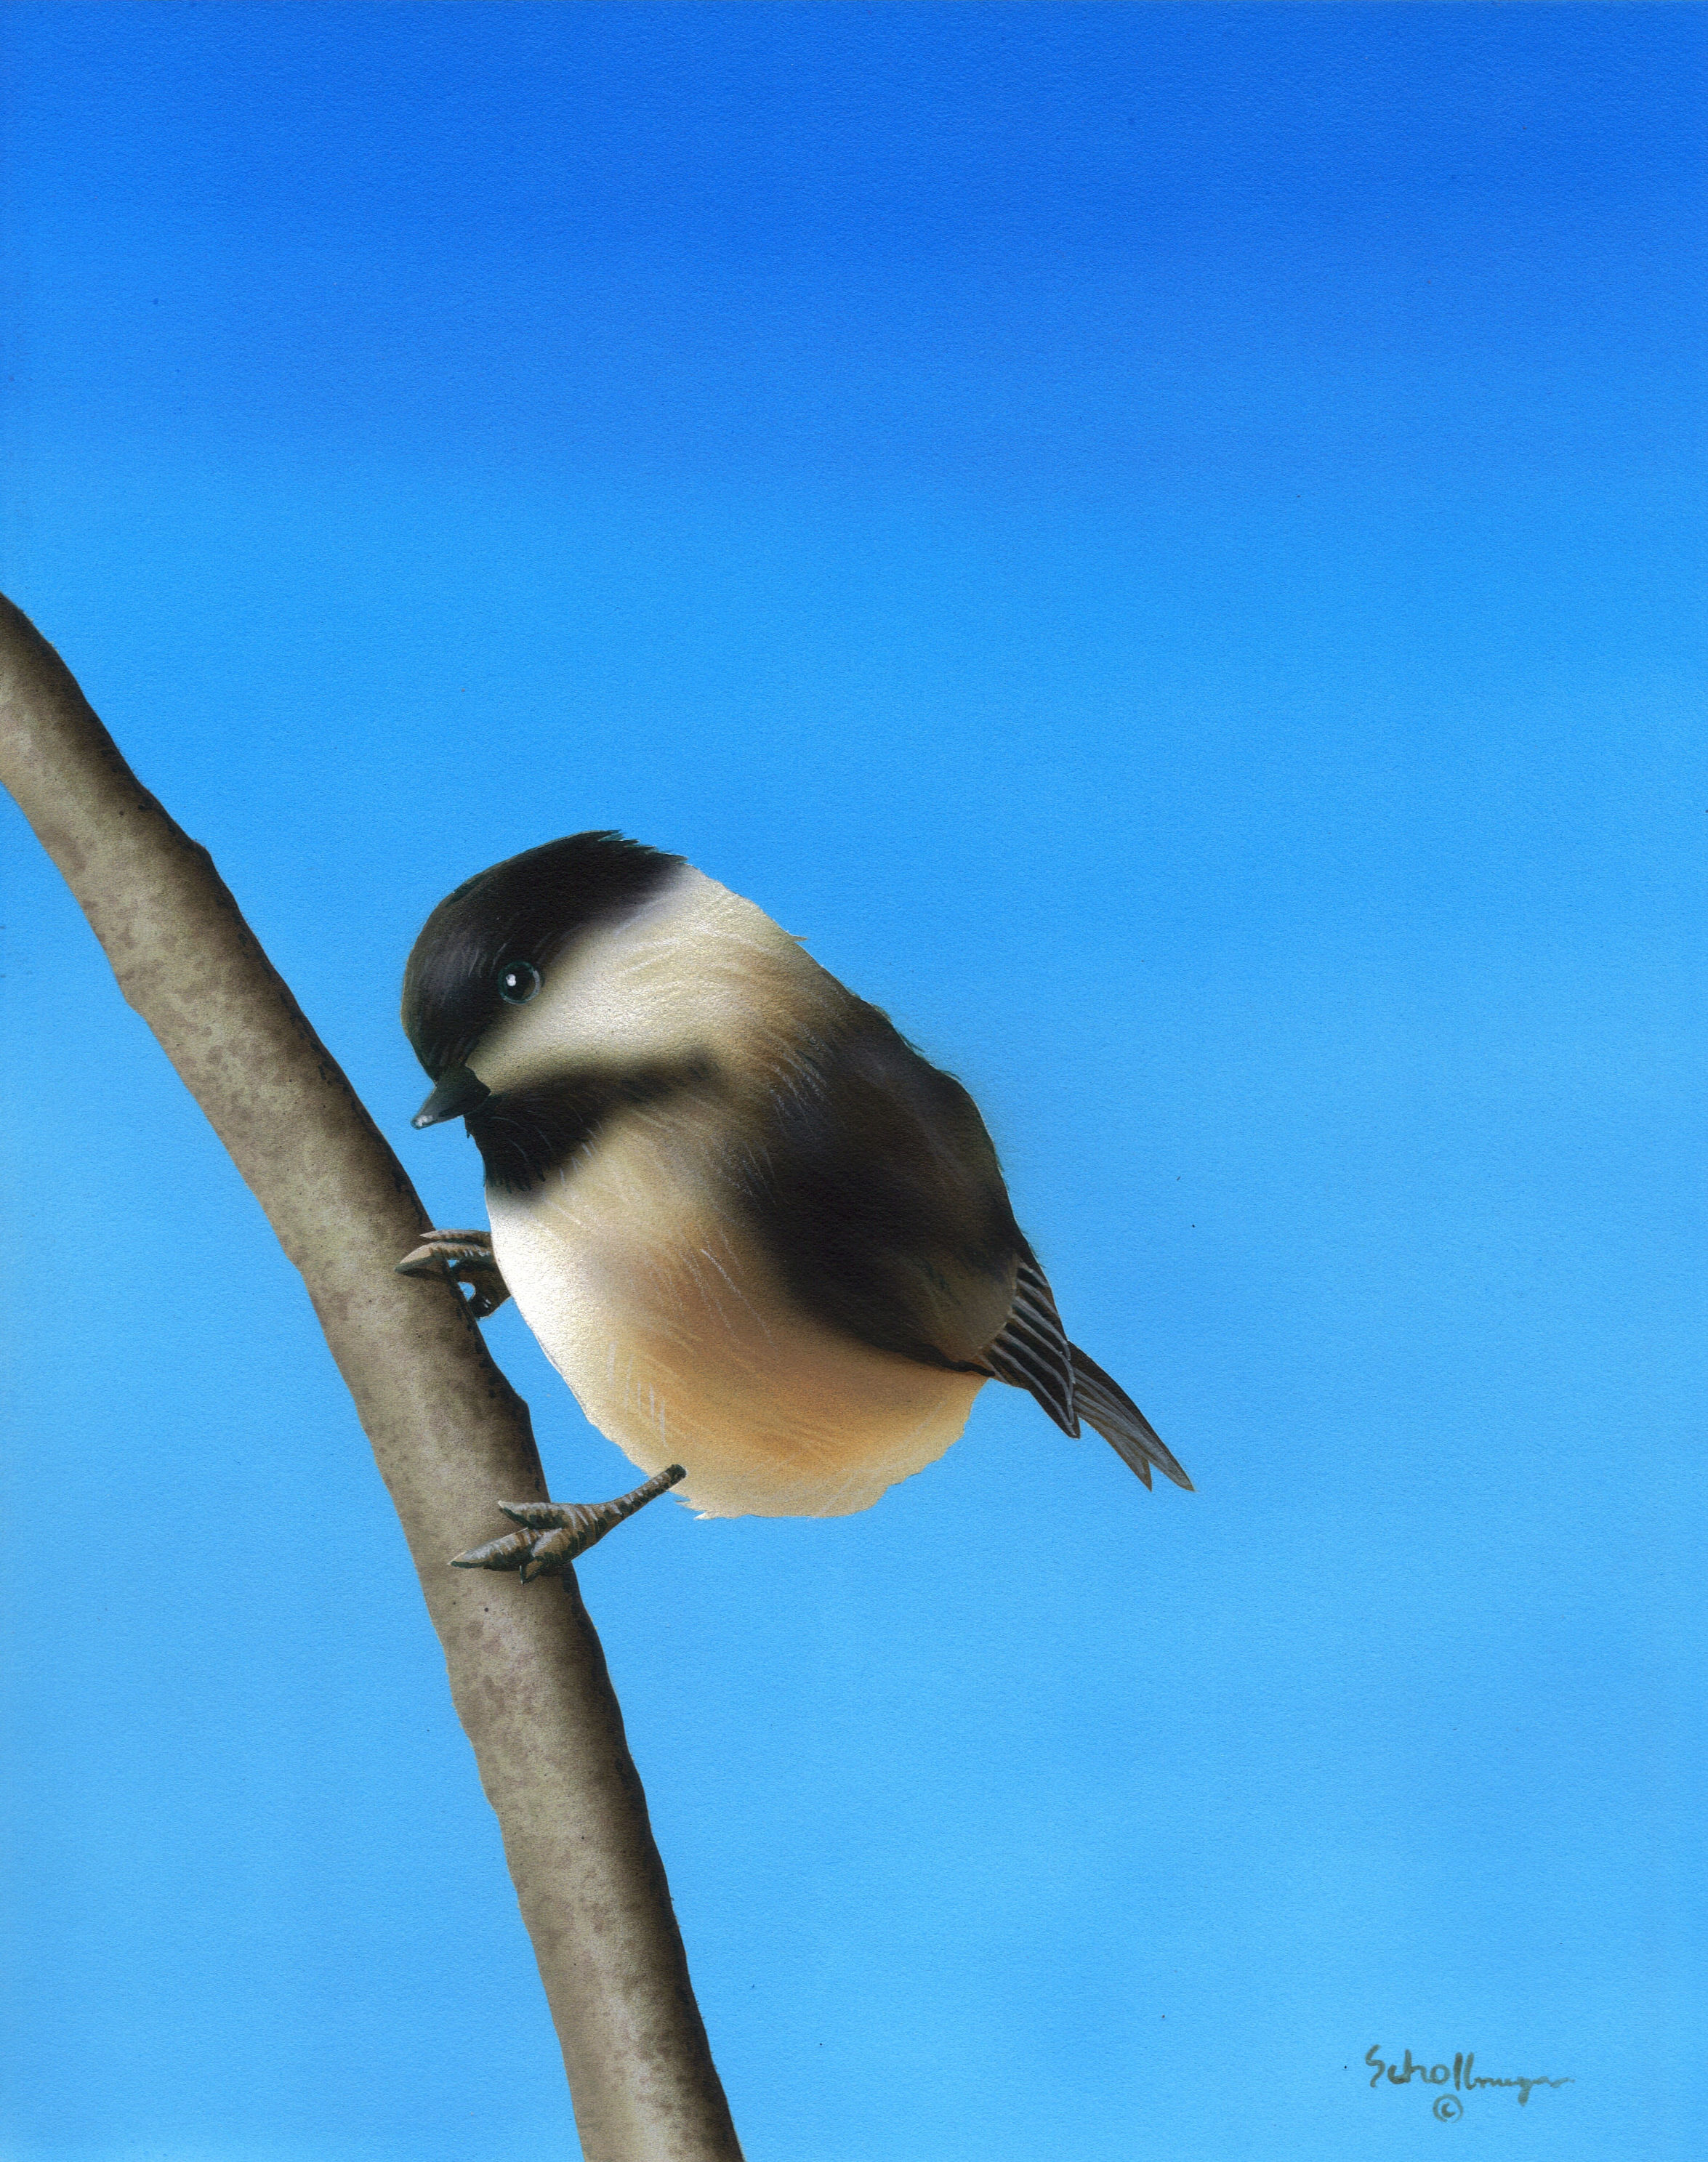 Springtime Perch